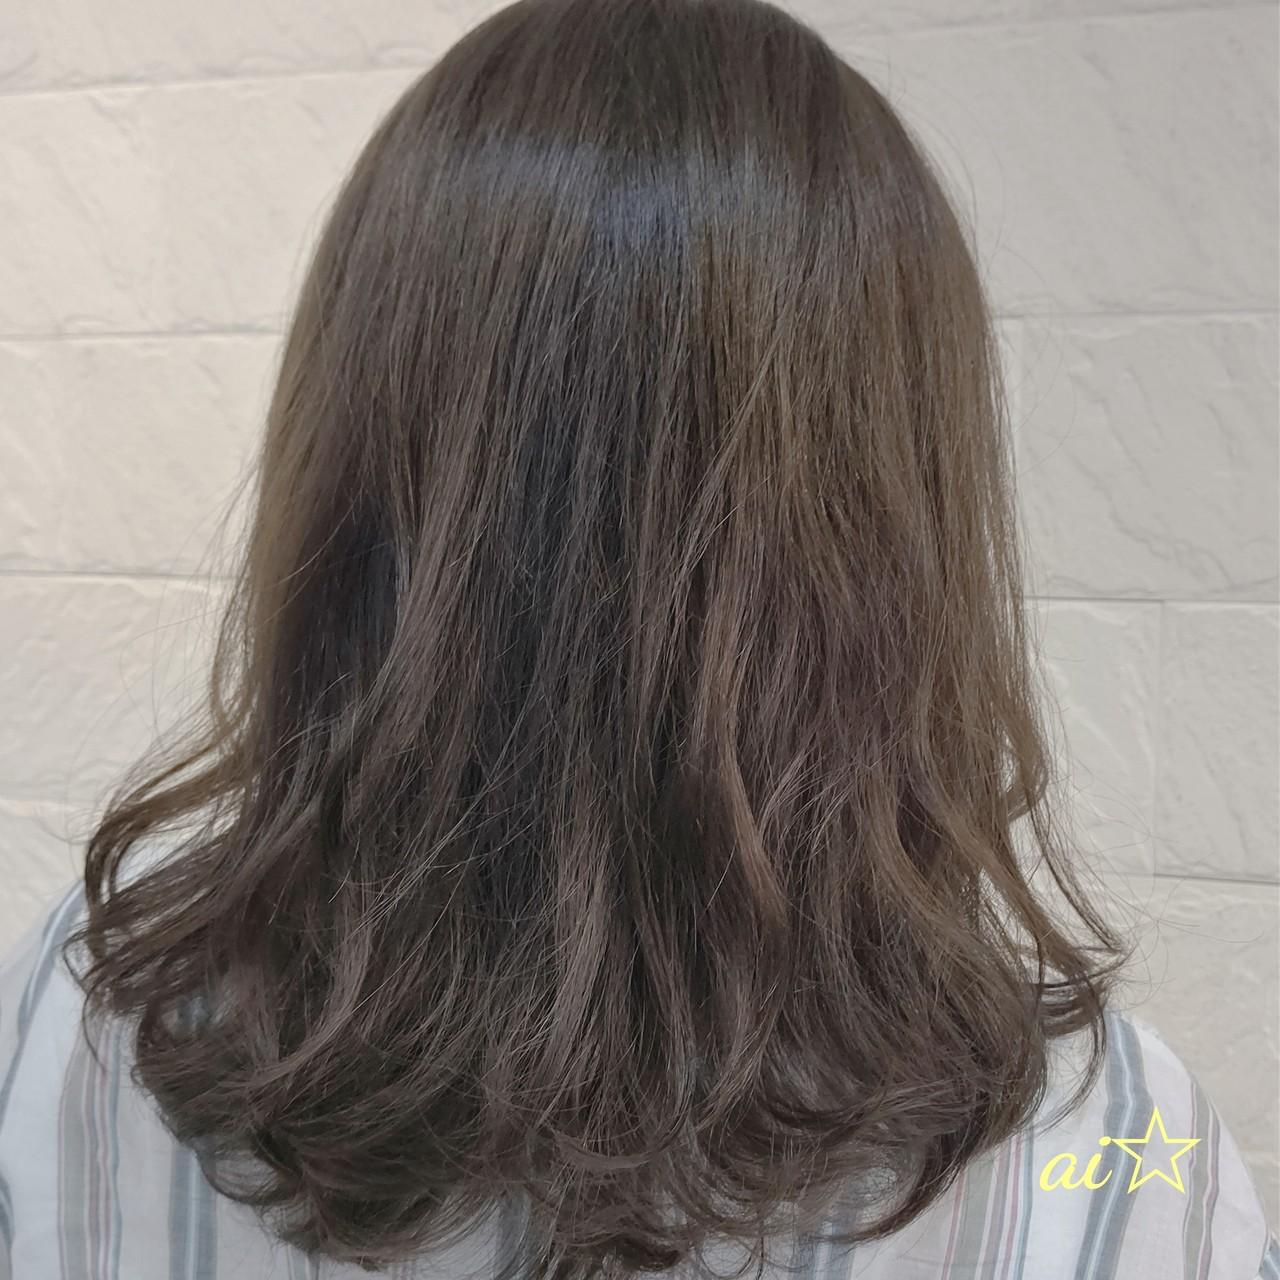 ナチュラル アッシュ ミディアム アッシュベージュヘアスタイルや髪型の写真・画像